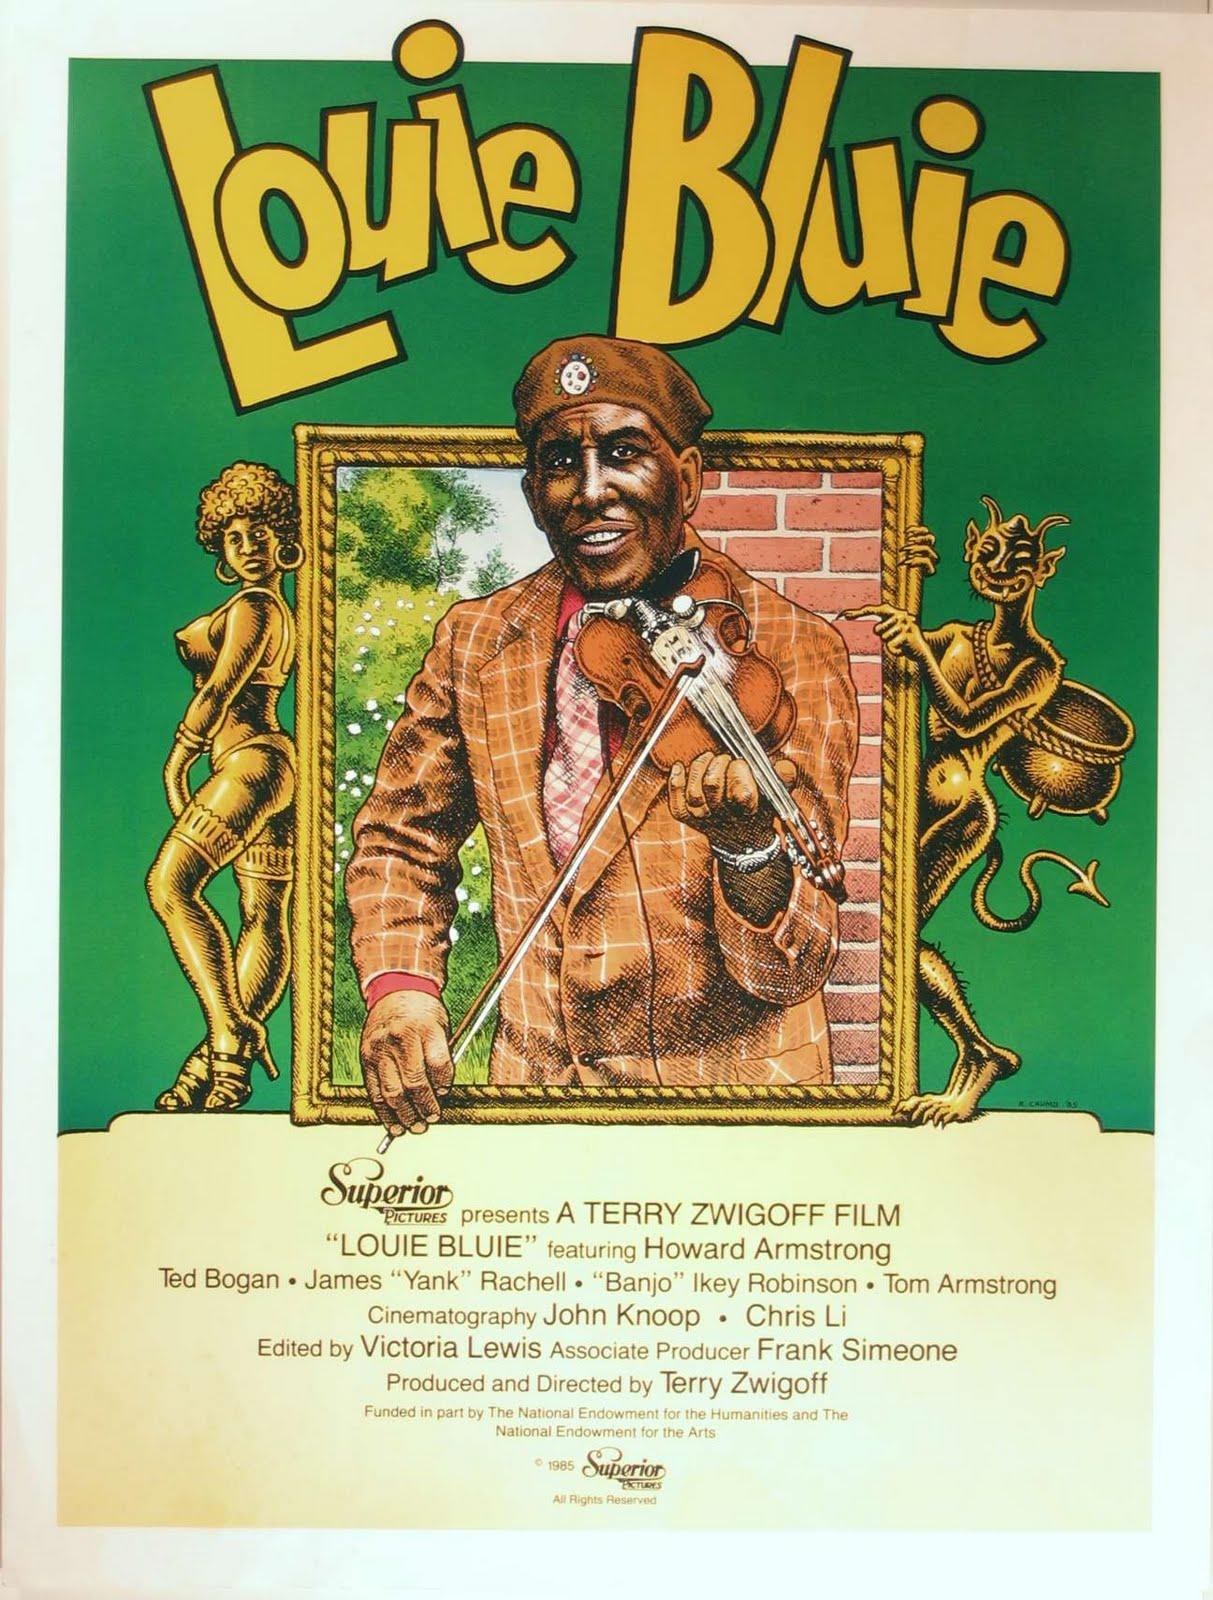 http://2.bp.blogspot.com/_wkMSc5DjQ18/S-9j4mi2SyI/AAAAAAAAMsA/It448ksqRvs/s1600/louie%2Bbluie_poster.jpg